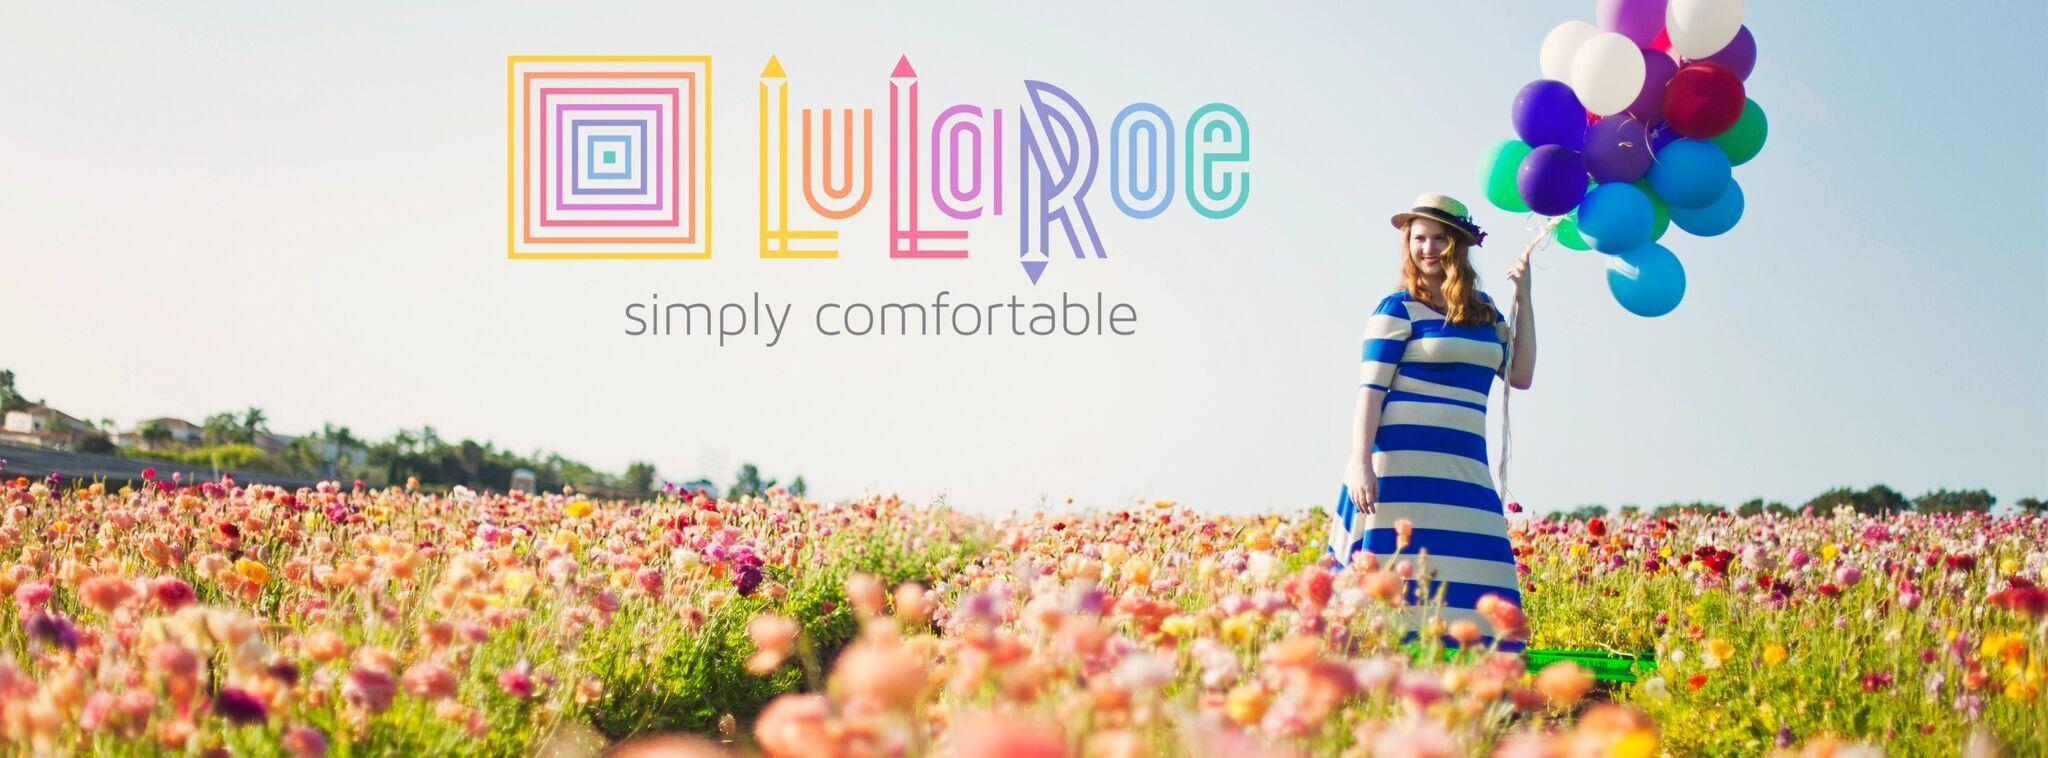 dropbox facebook cover photos lularoe pinterest cover photos